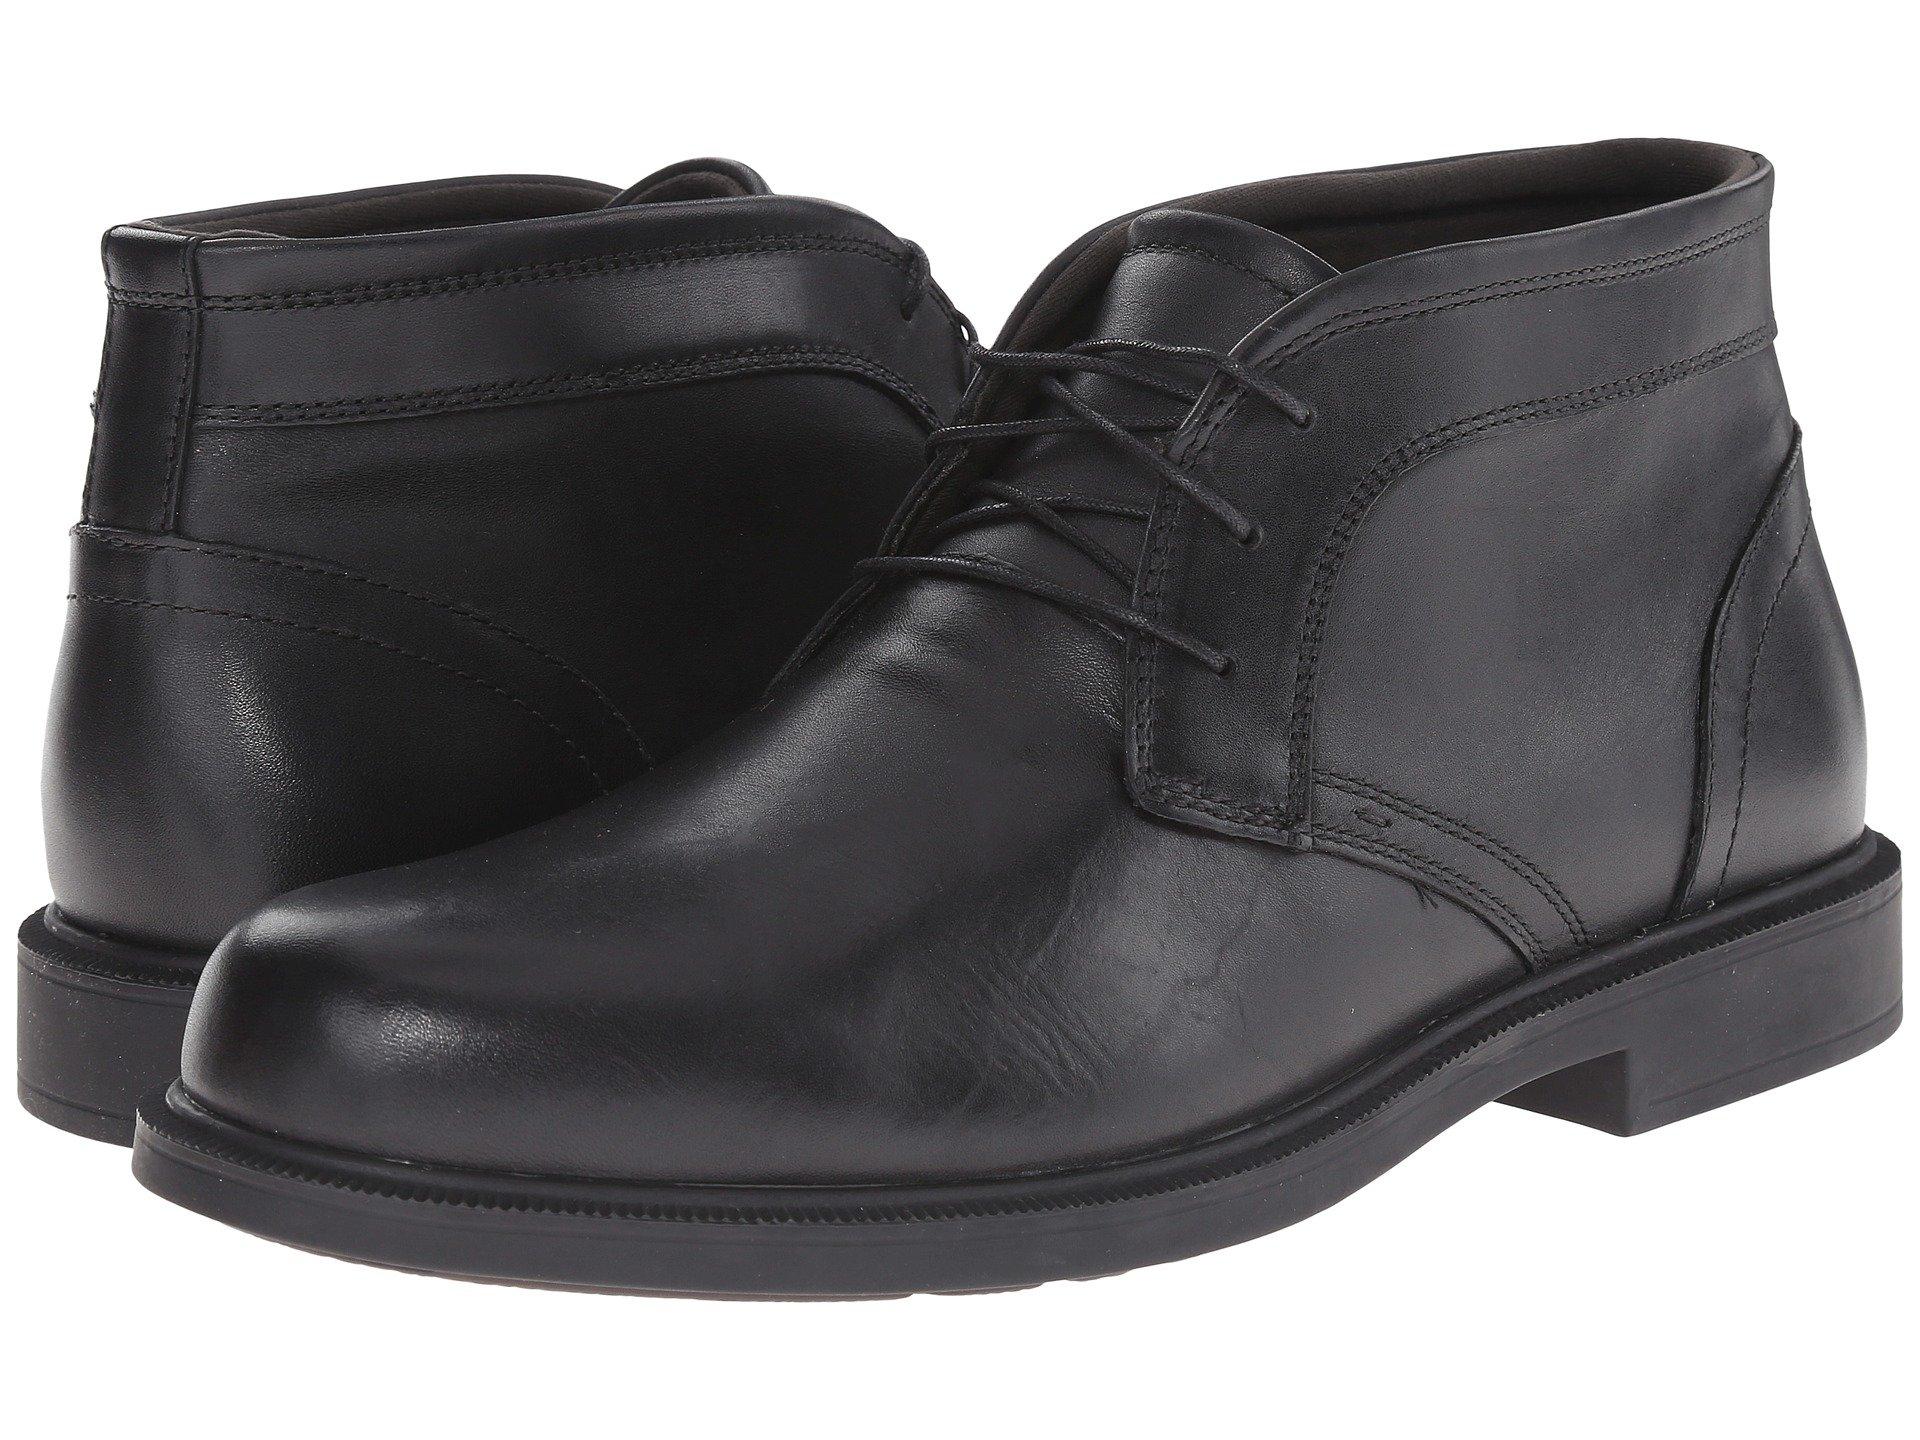 c3561f4b89 Men s Dunham Shoes + FREE SHIPPING